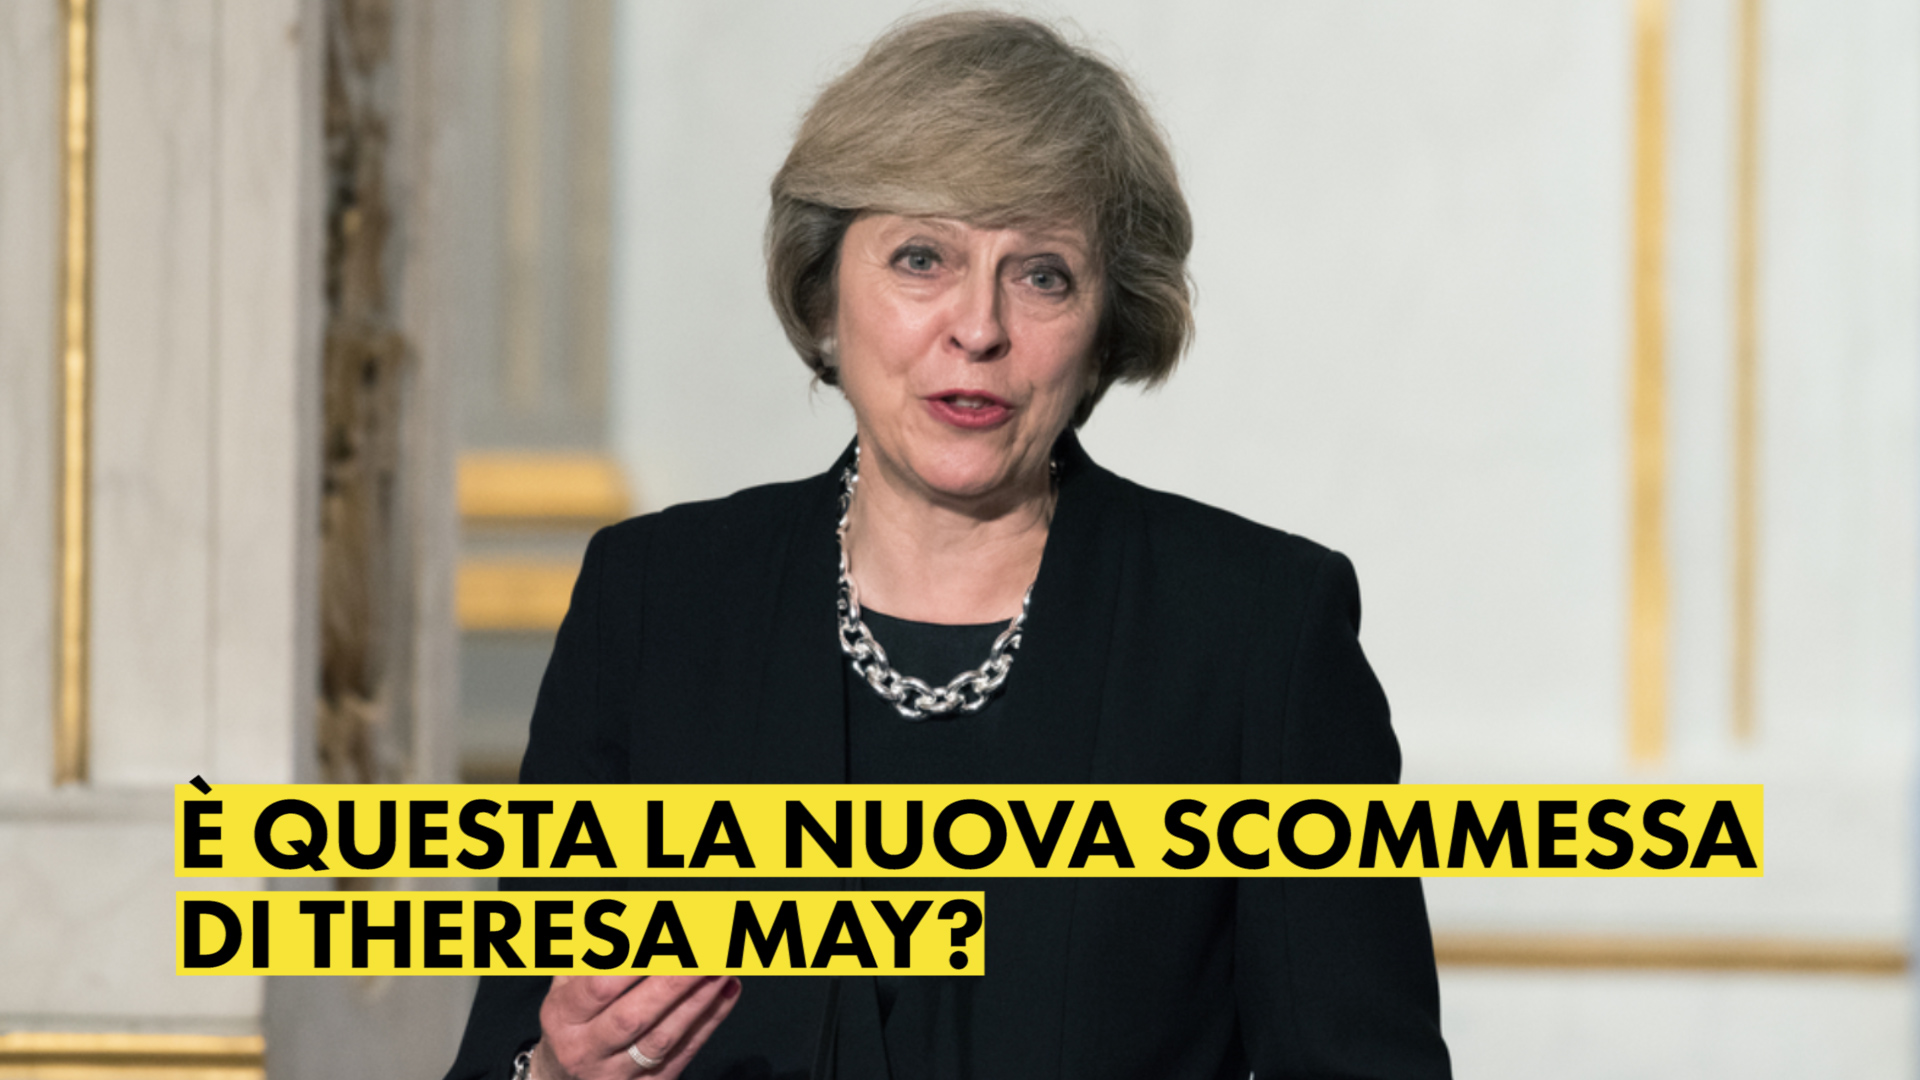 Elezioni a sorpresa in Inghilterra!